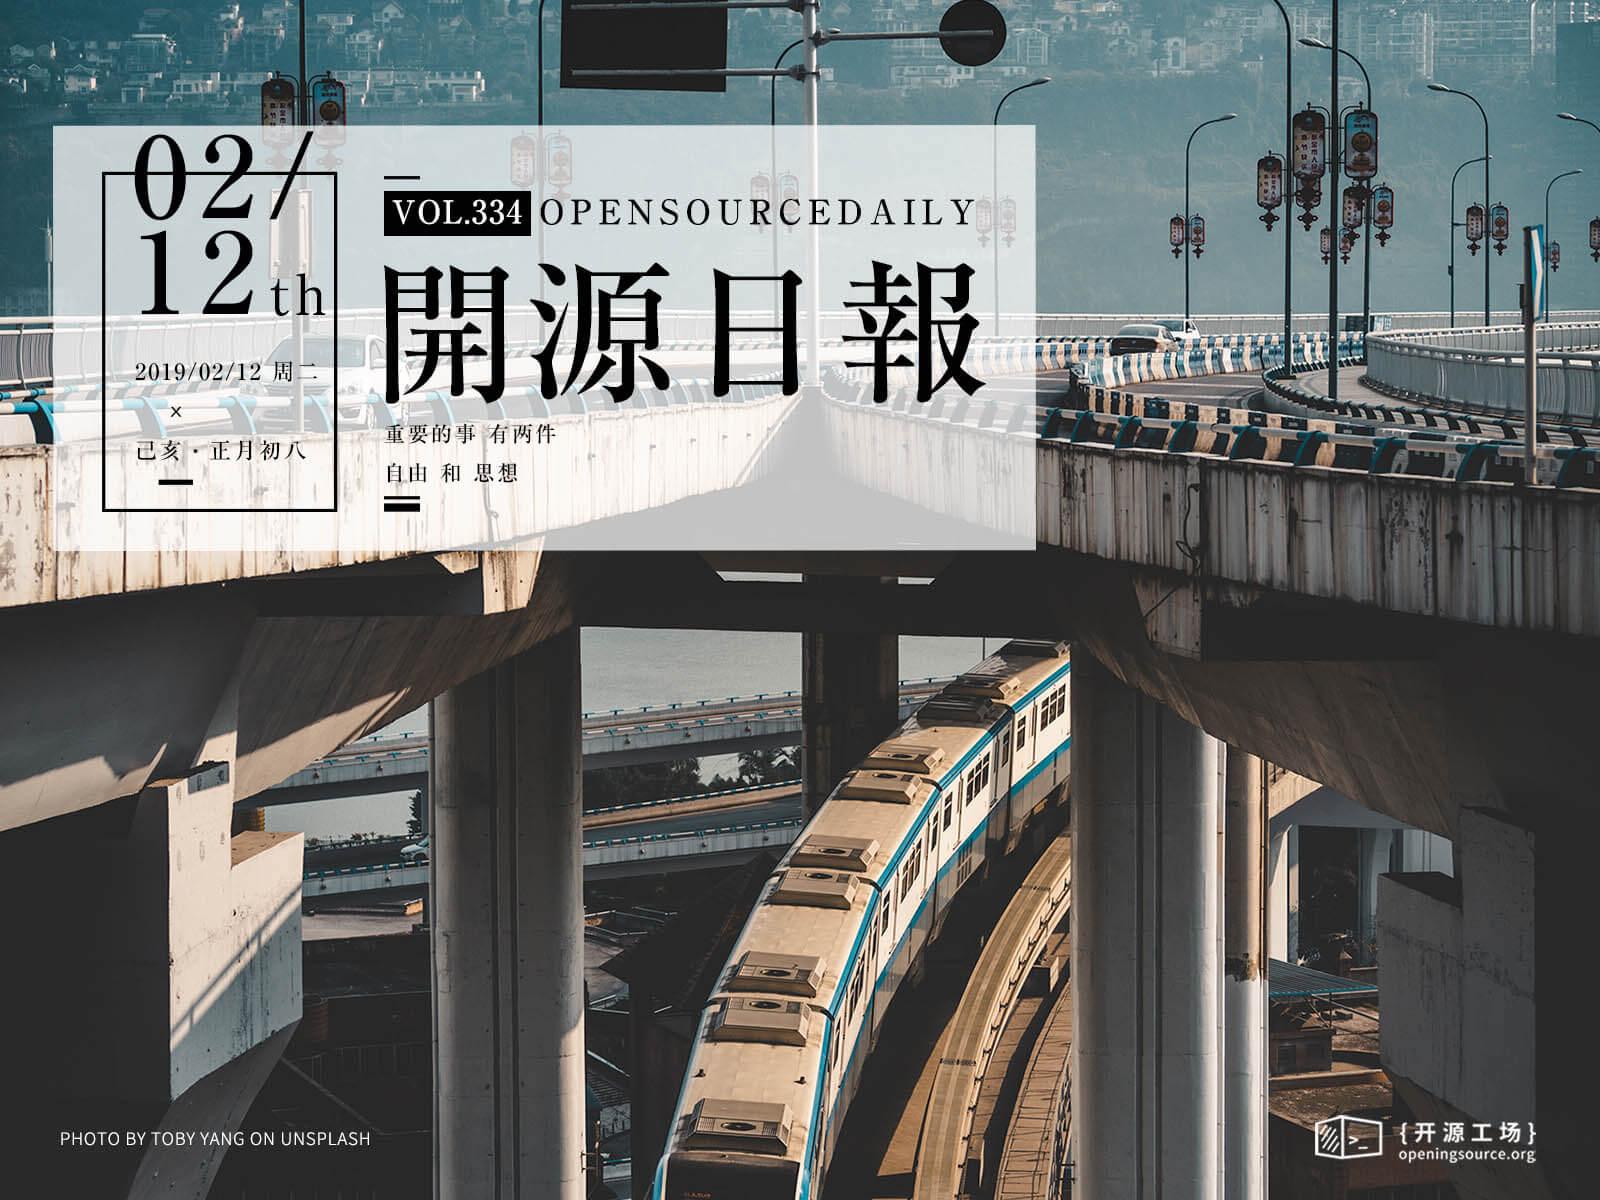 2019年2月12日:开源日报第334期